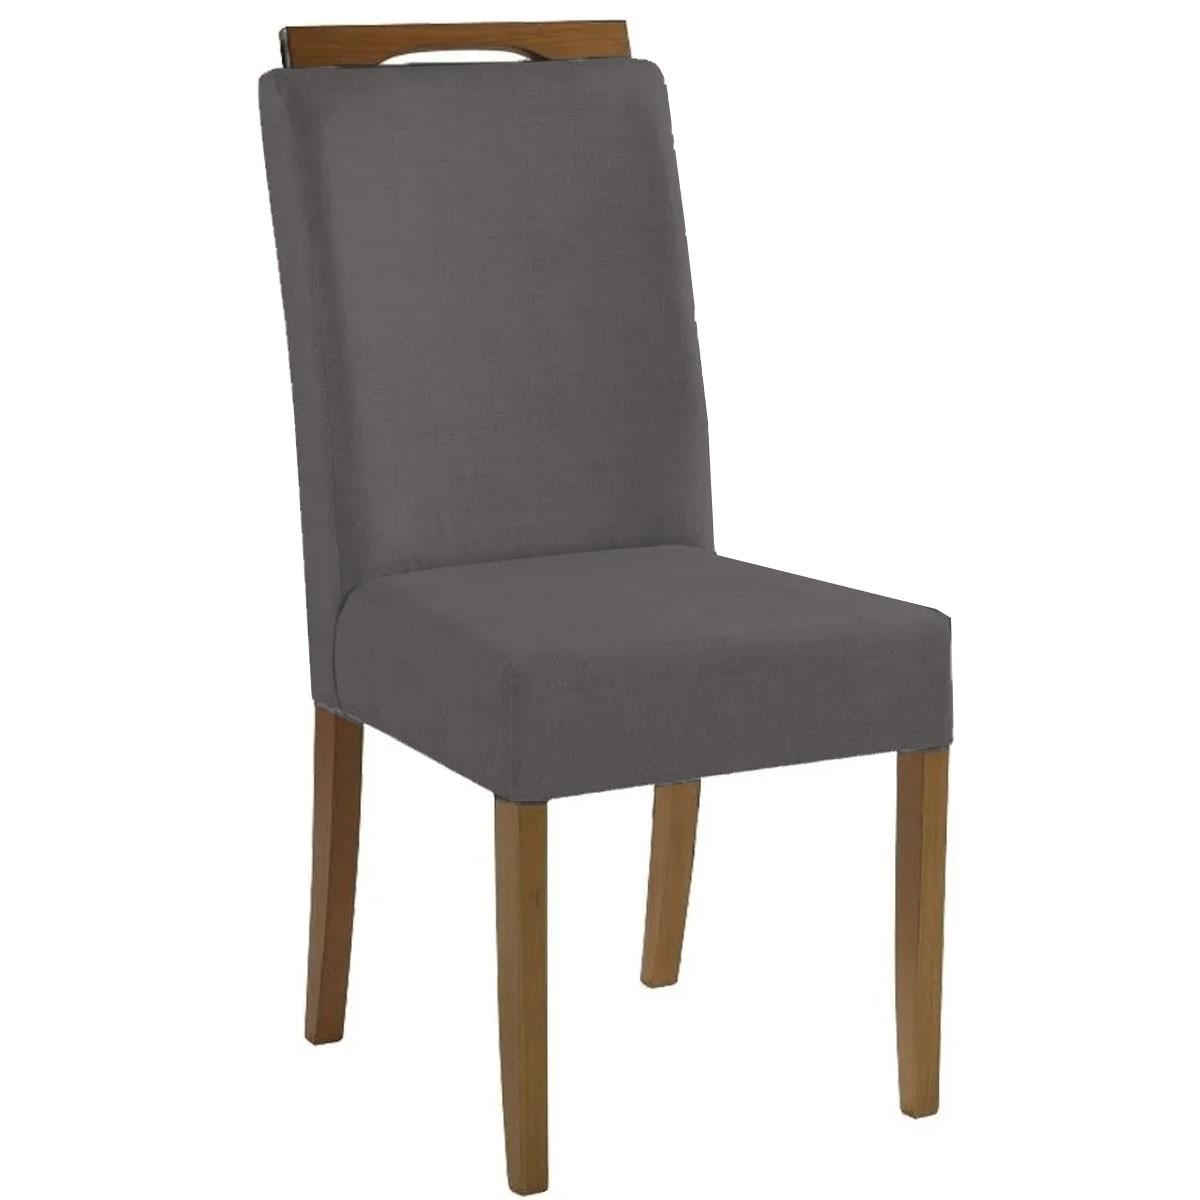 Kit 2 Cadeiras Estofadas Fabiana 100% Madeira Suede Cinza